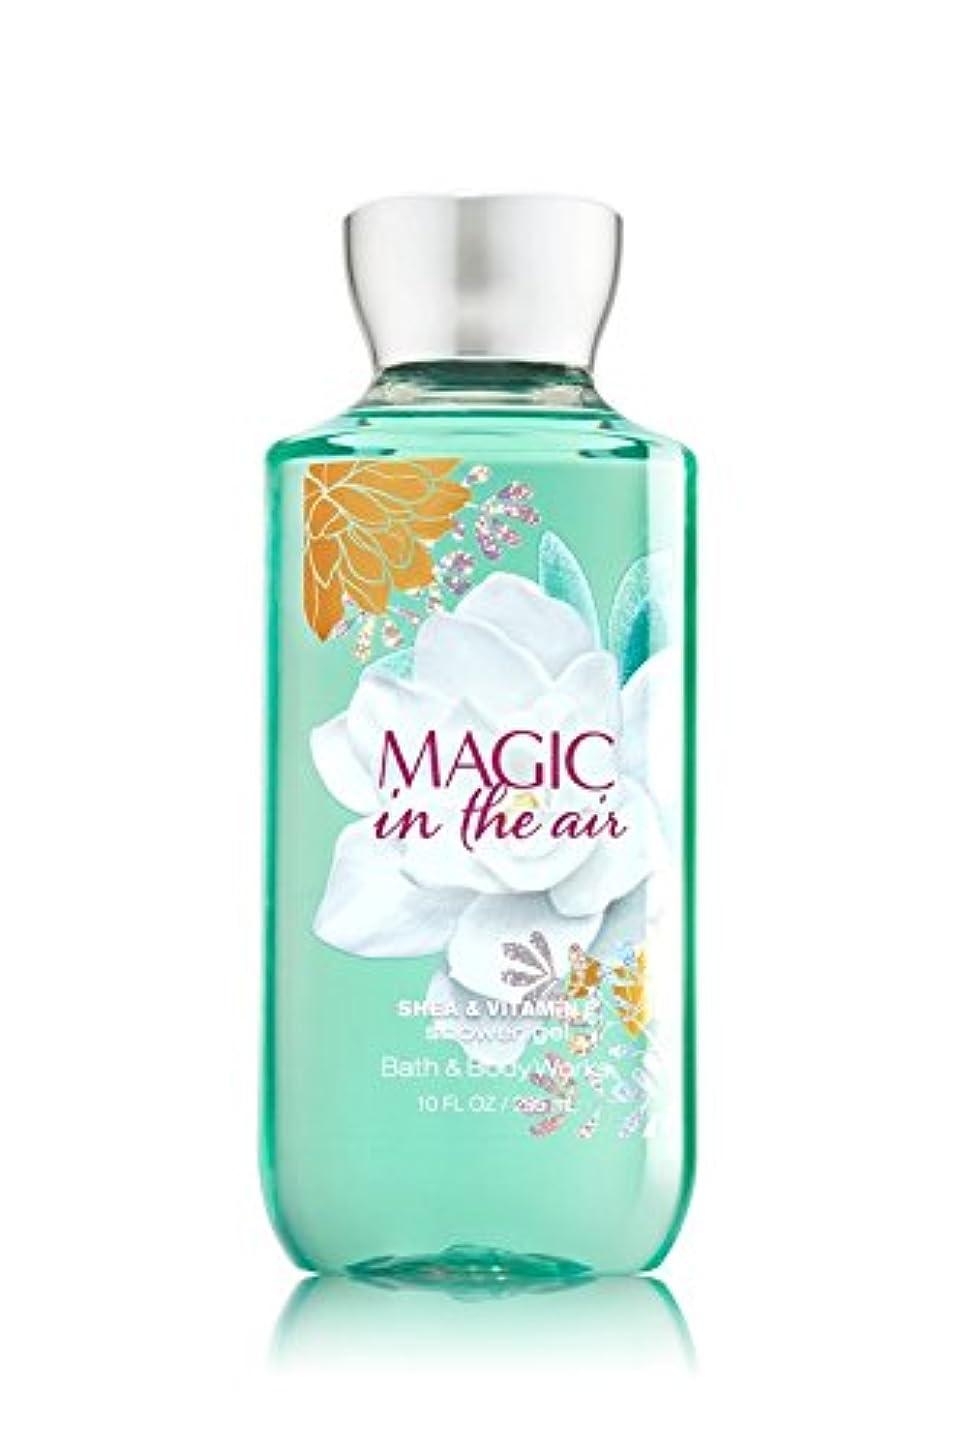 がっかりするくびれたスチール【Bath&Body Works/バス&ボディワークス】 シャワージェル マジックインザエアー Shower Gel Magic in the Air 10 fl oz / 295 mL [並行輸入品]